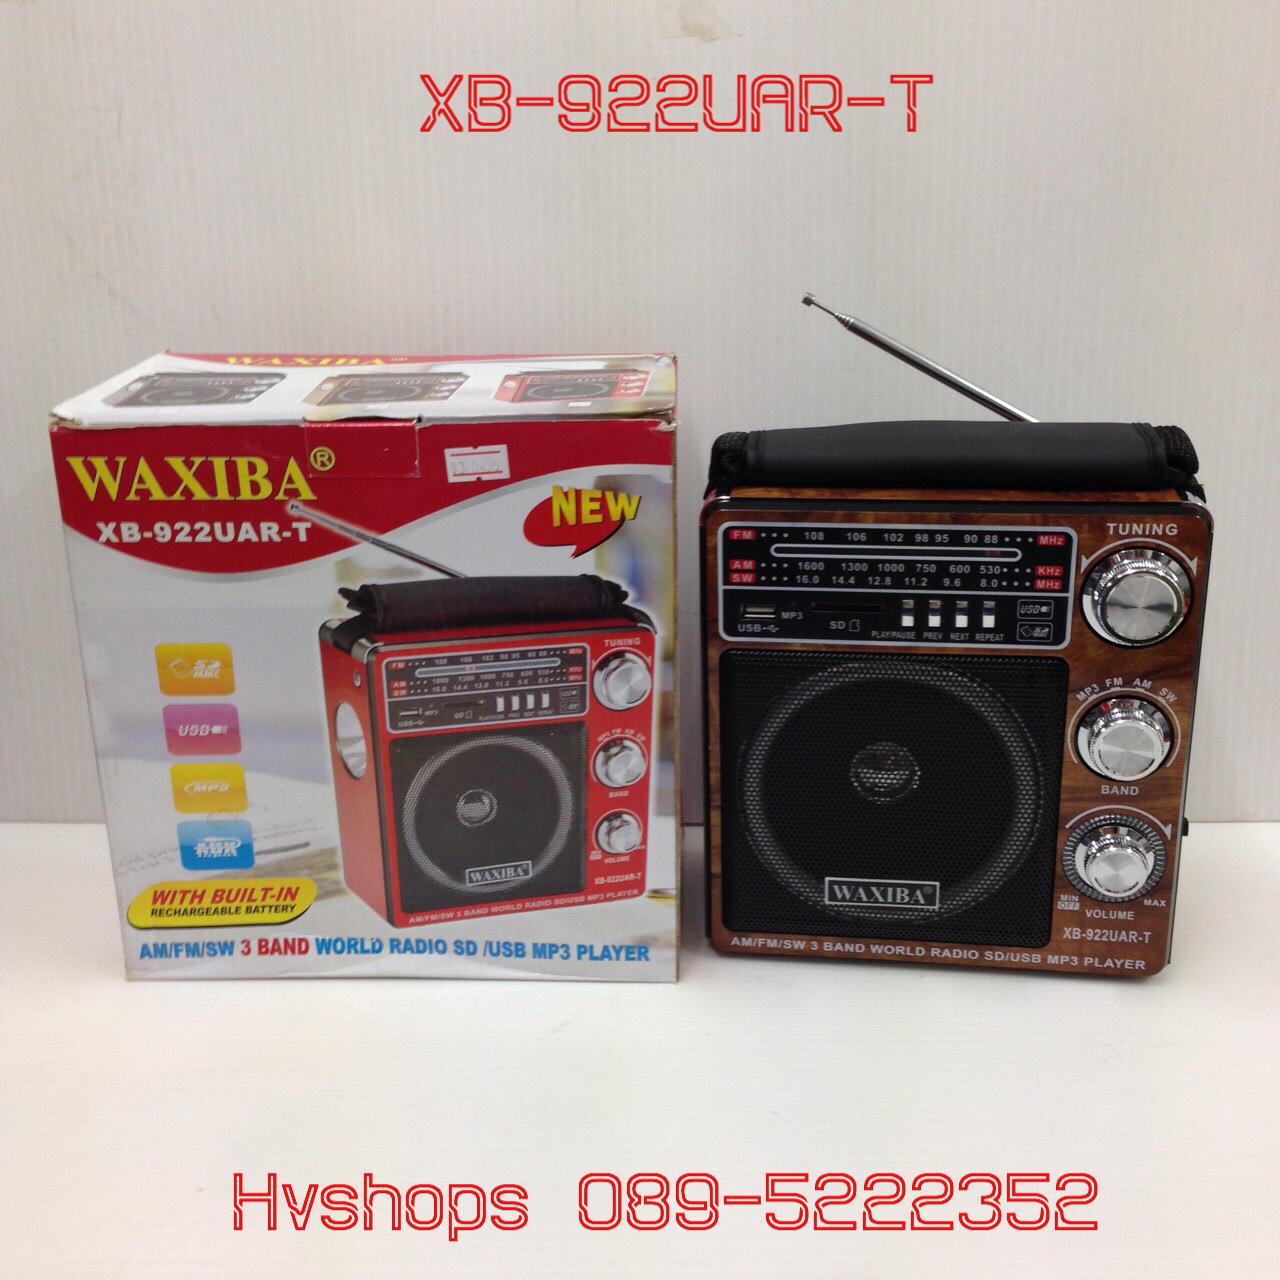 วิทยุ fm WAXIBA รุ่น XB-922UAR-T